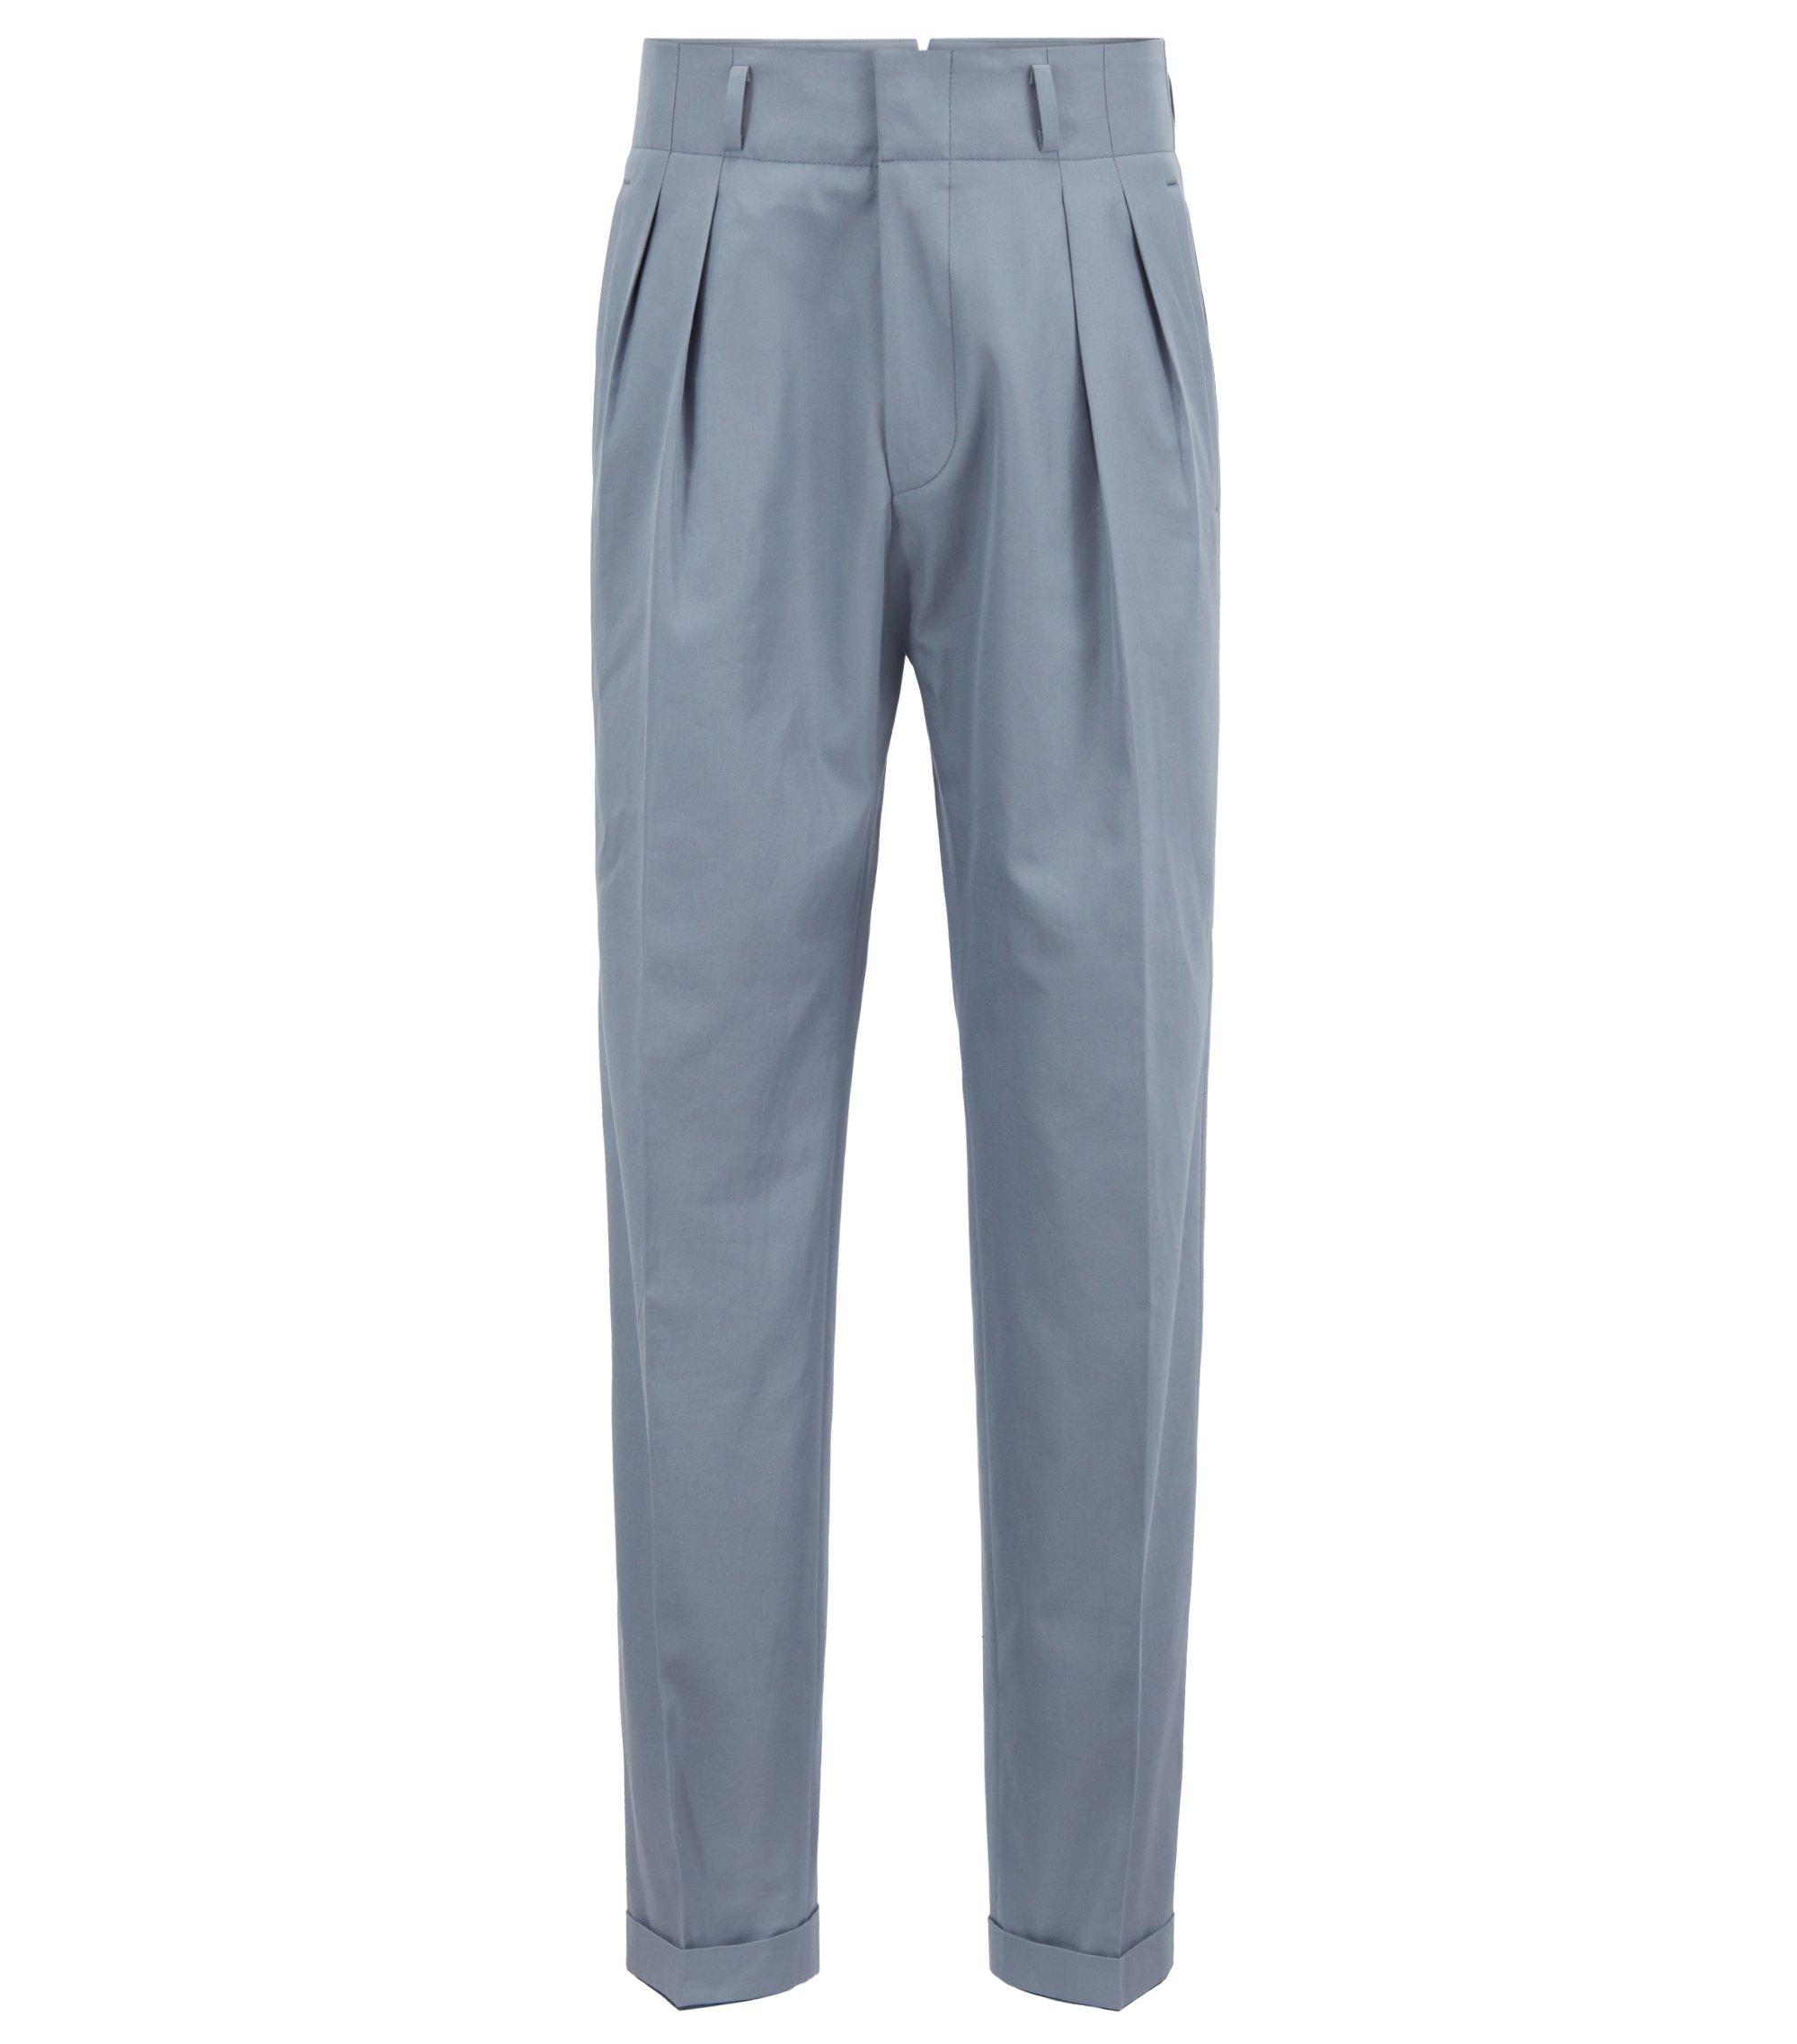 Pantaloni relaxed fit a vita alta con piega in cotone realizzato in Italia, Grigio